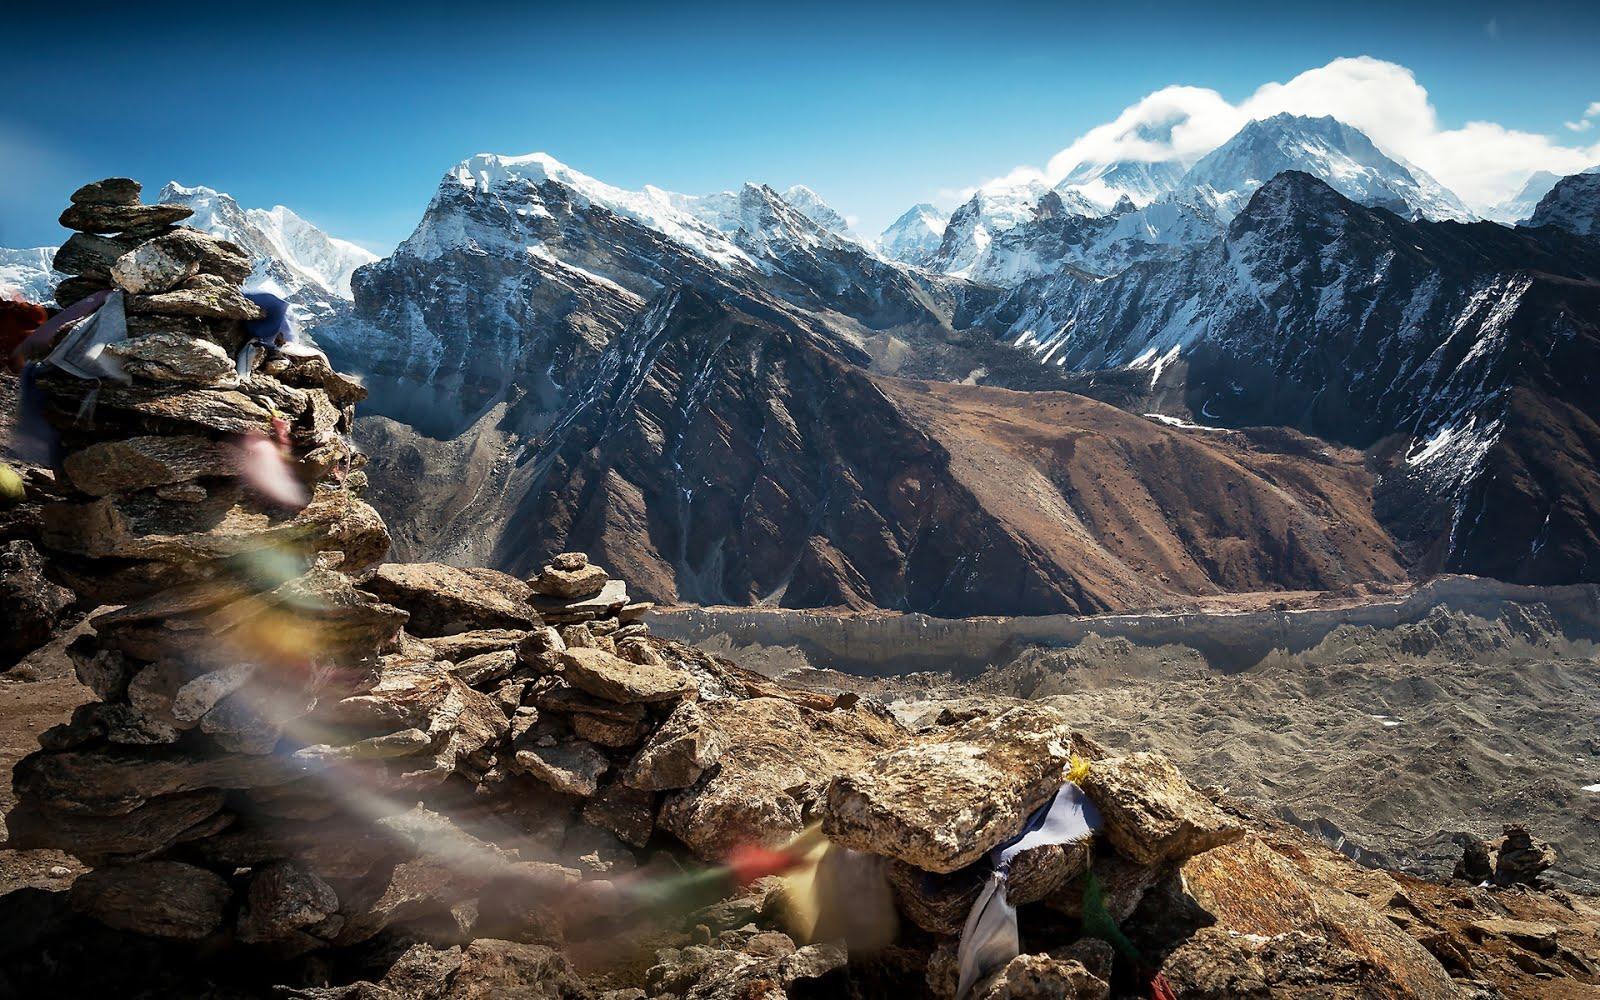 http://1.bp.blogspot.com/-1BLbC_C-O7g/UIbwu1WBftI/AAAAAAABMa8/kbKMNlJ9UOA/s1600/tibet-mountains-1920x1200-wallpaper-monta%25C3%25B1as-de-nepal-con-nieve.jpg